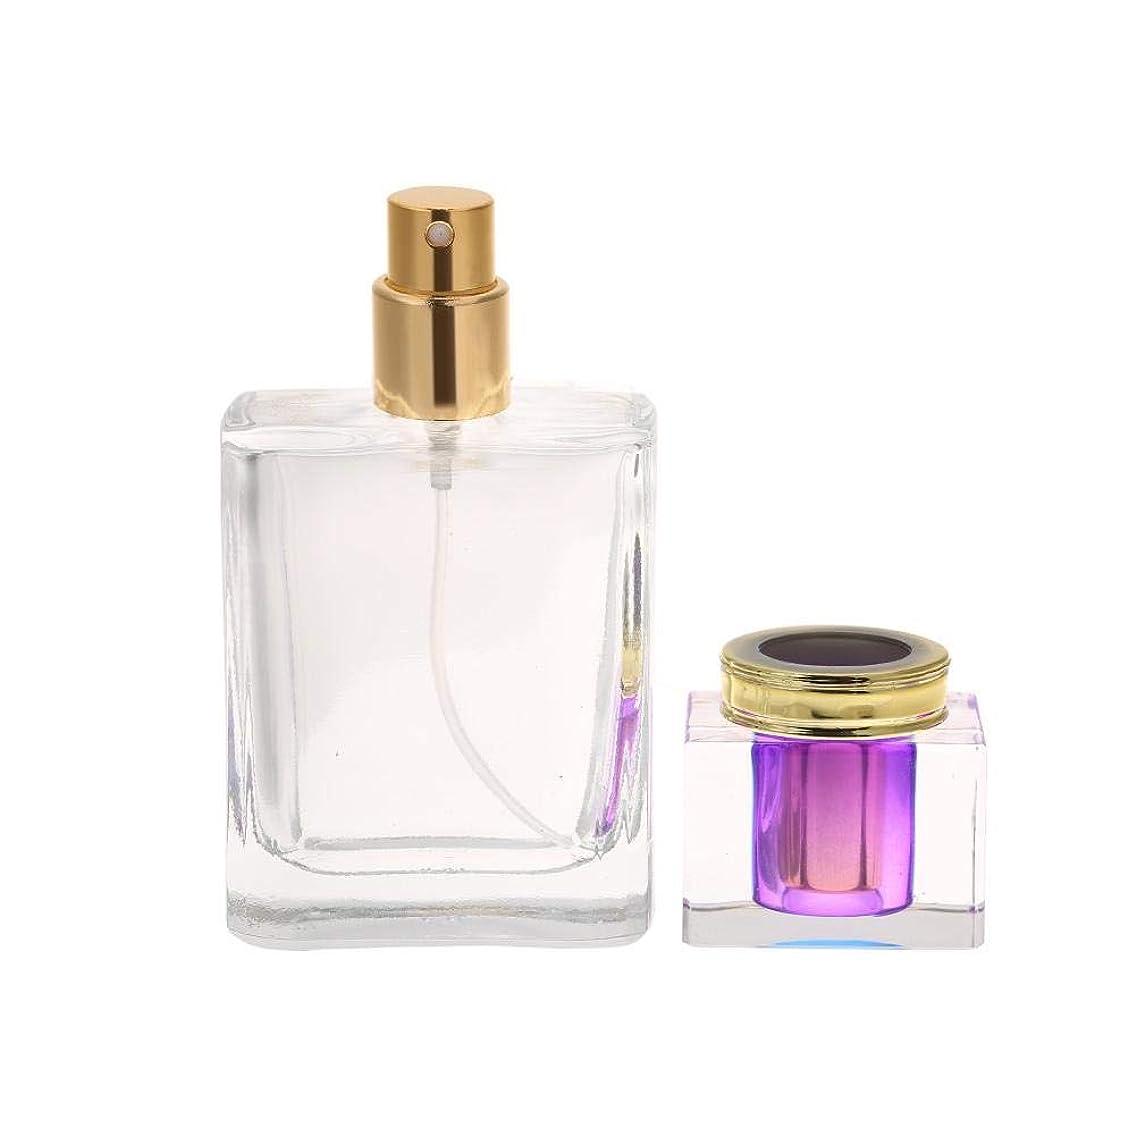 シプリー破壊的な市場Ochun 香水アトマイザー 香水スプレーボトル 詰め替えボトル 50ml 小分けアトマイザー 香水/化粧水容器 旅行ポータブル(パープル)